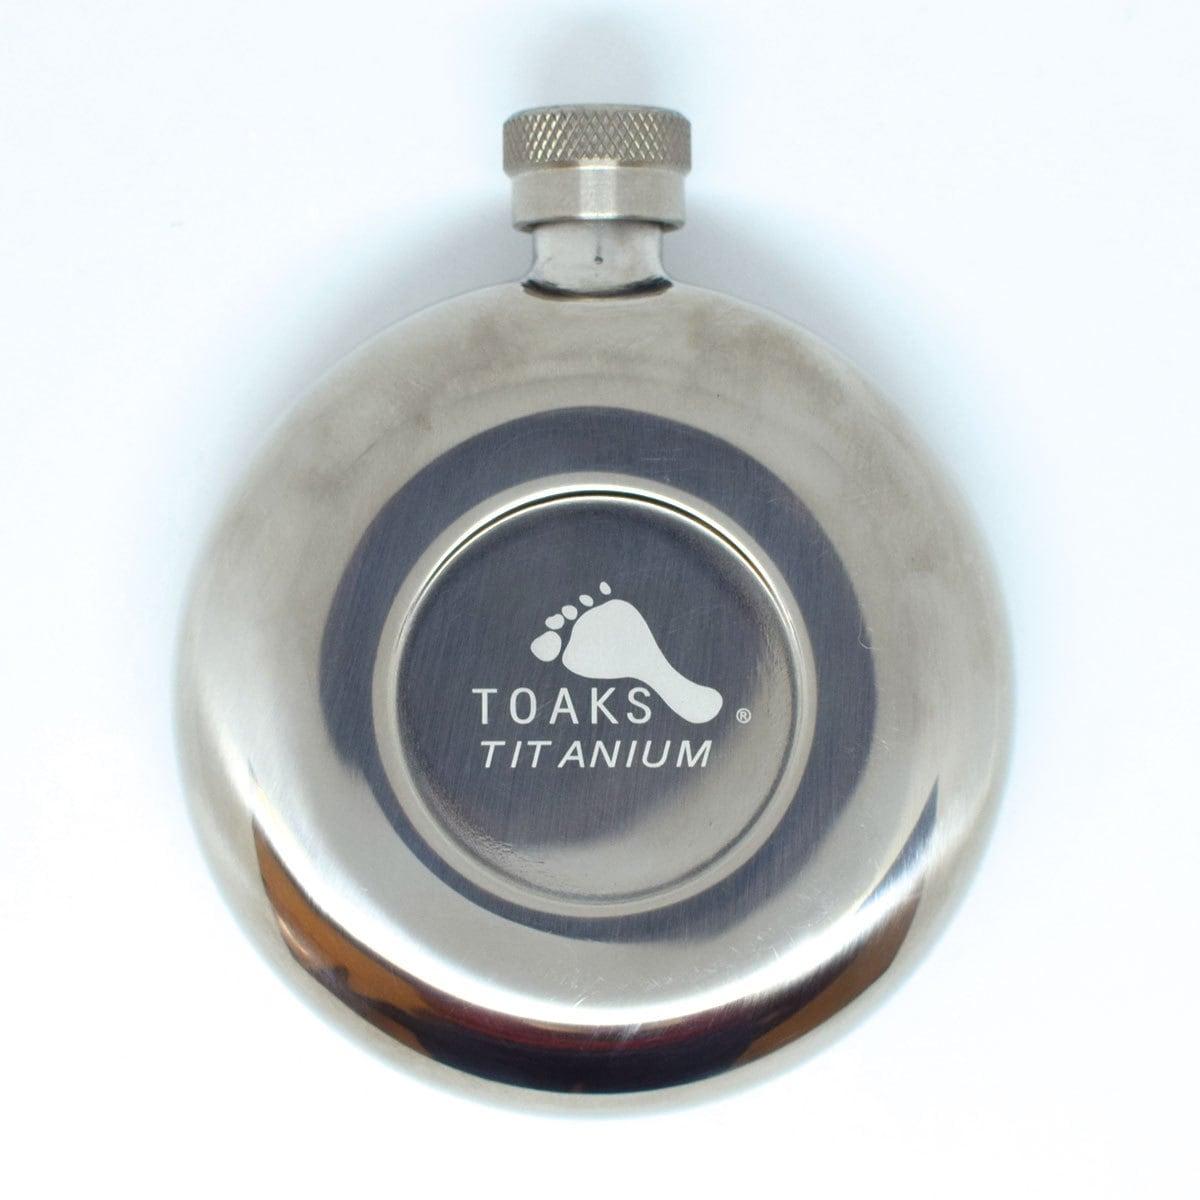 TOAKS TITANIUM FLASK 150 トークス チタンフラスク